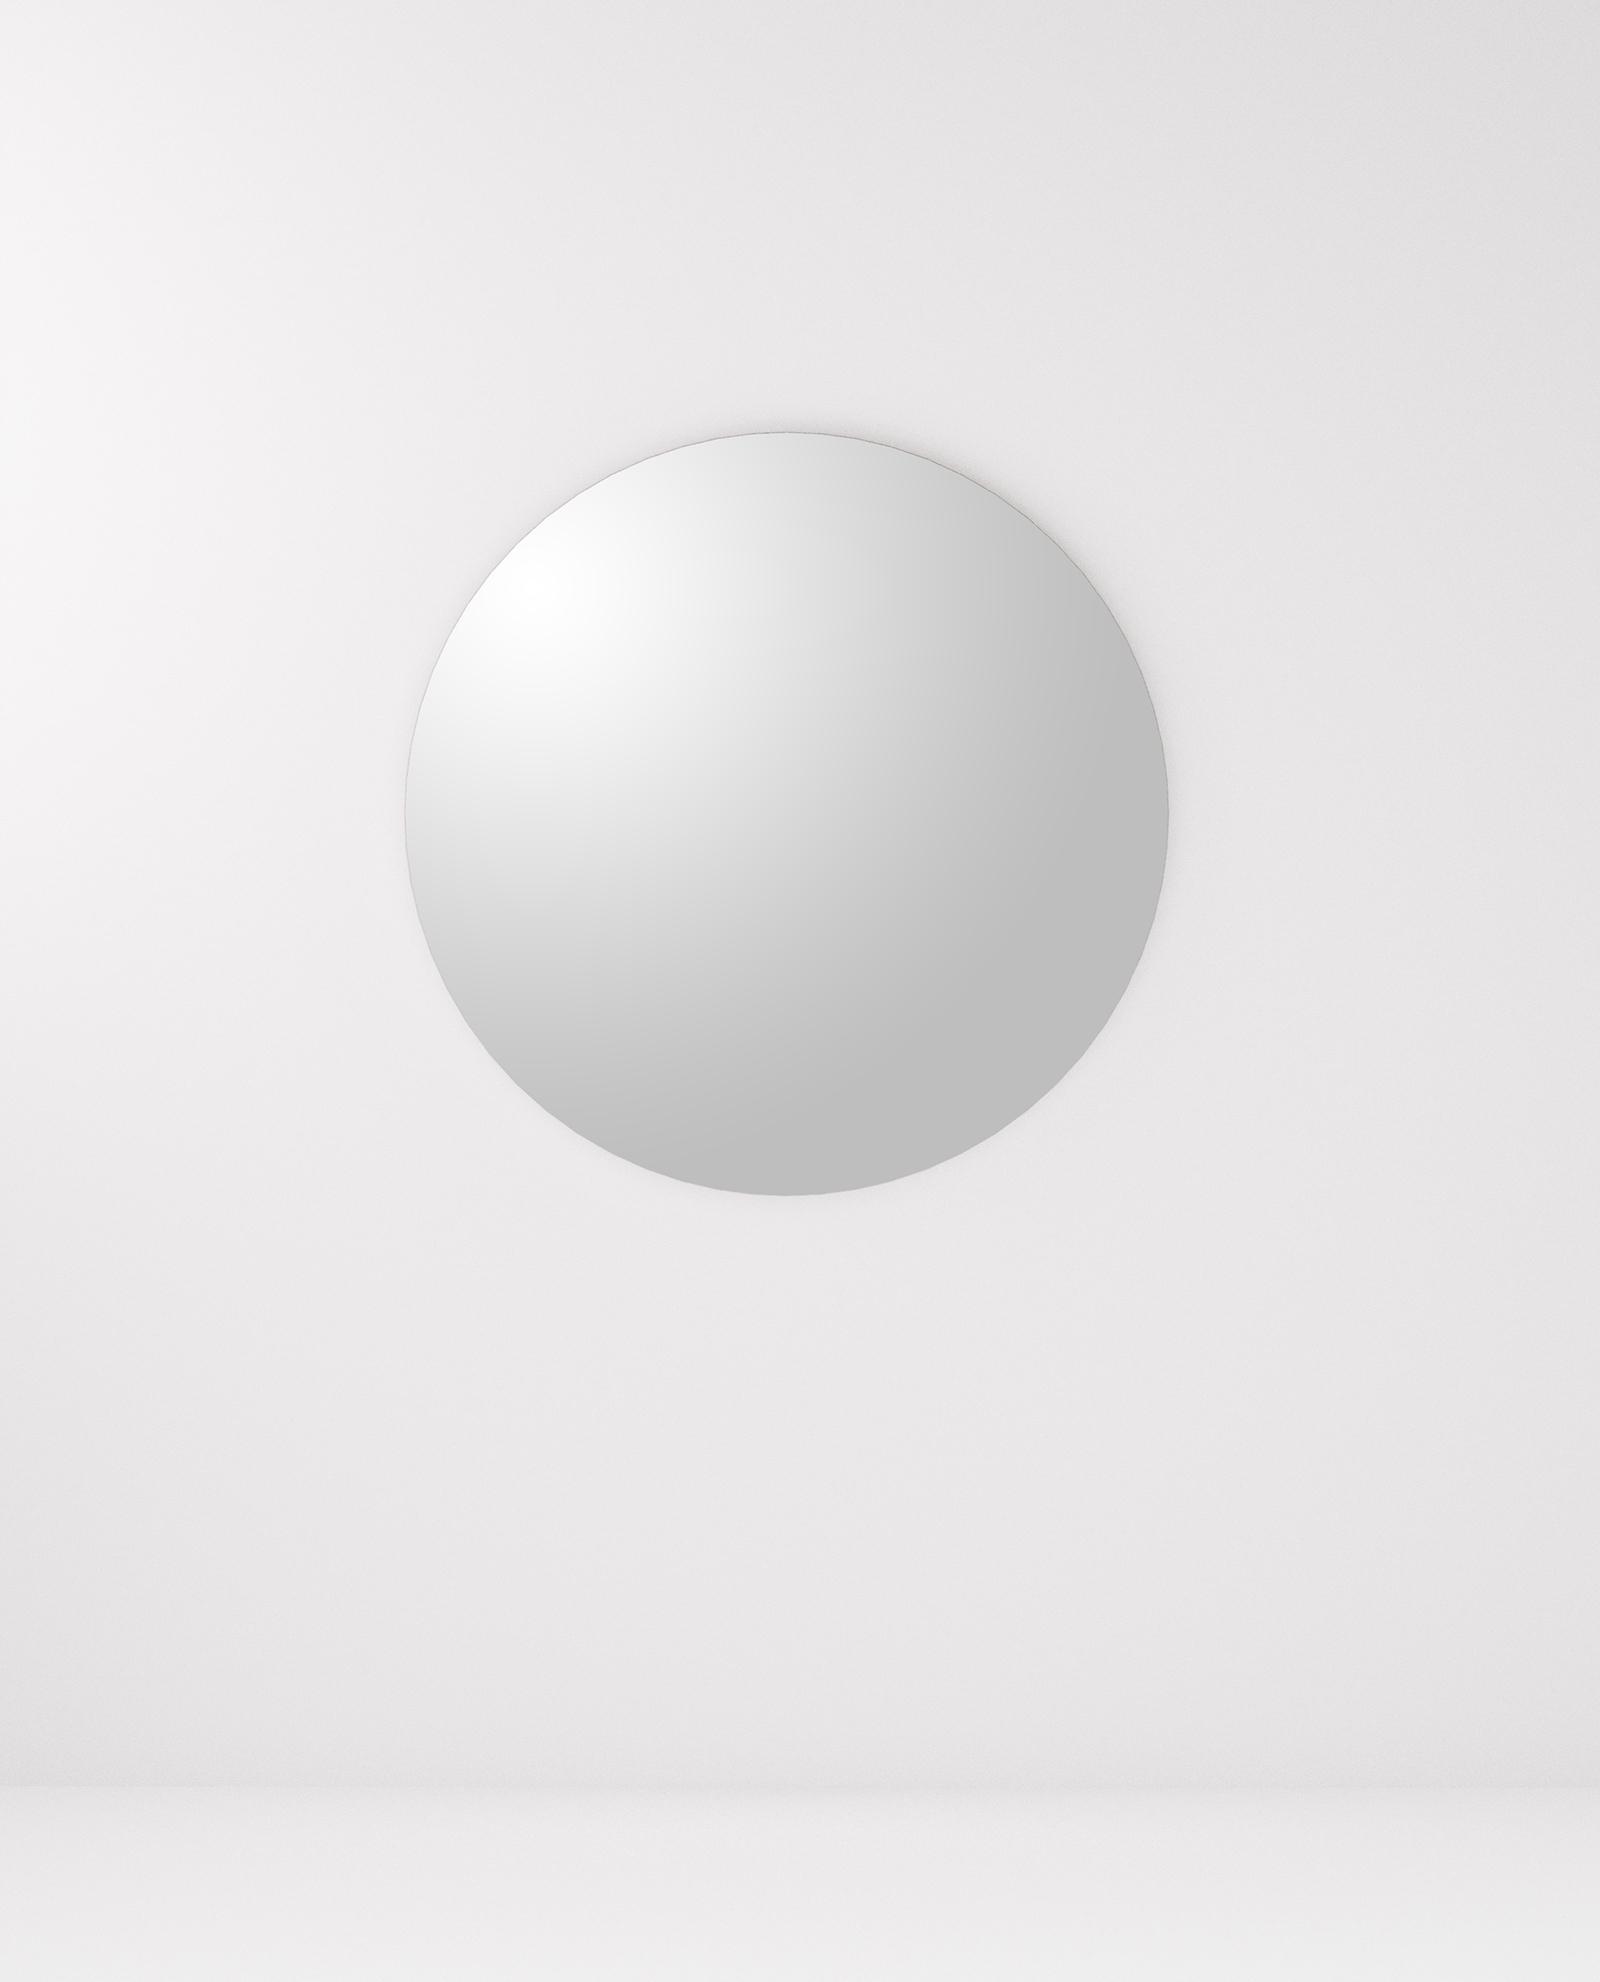 espelho-parede-circulo-grande-lacado-branco (2)